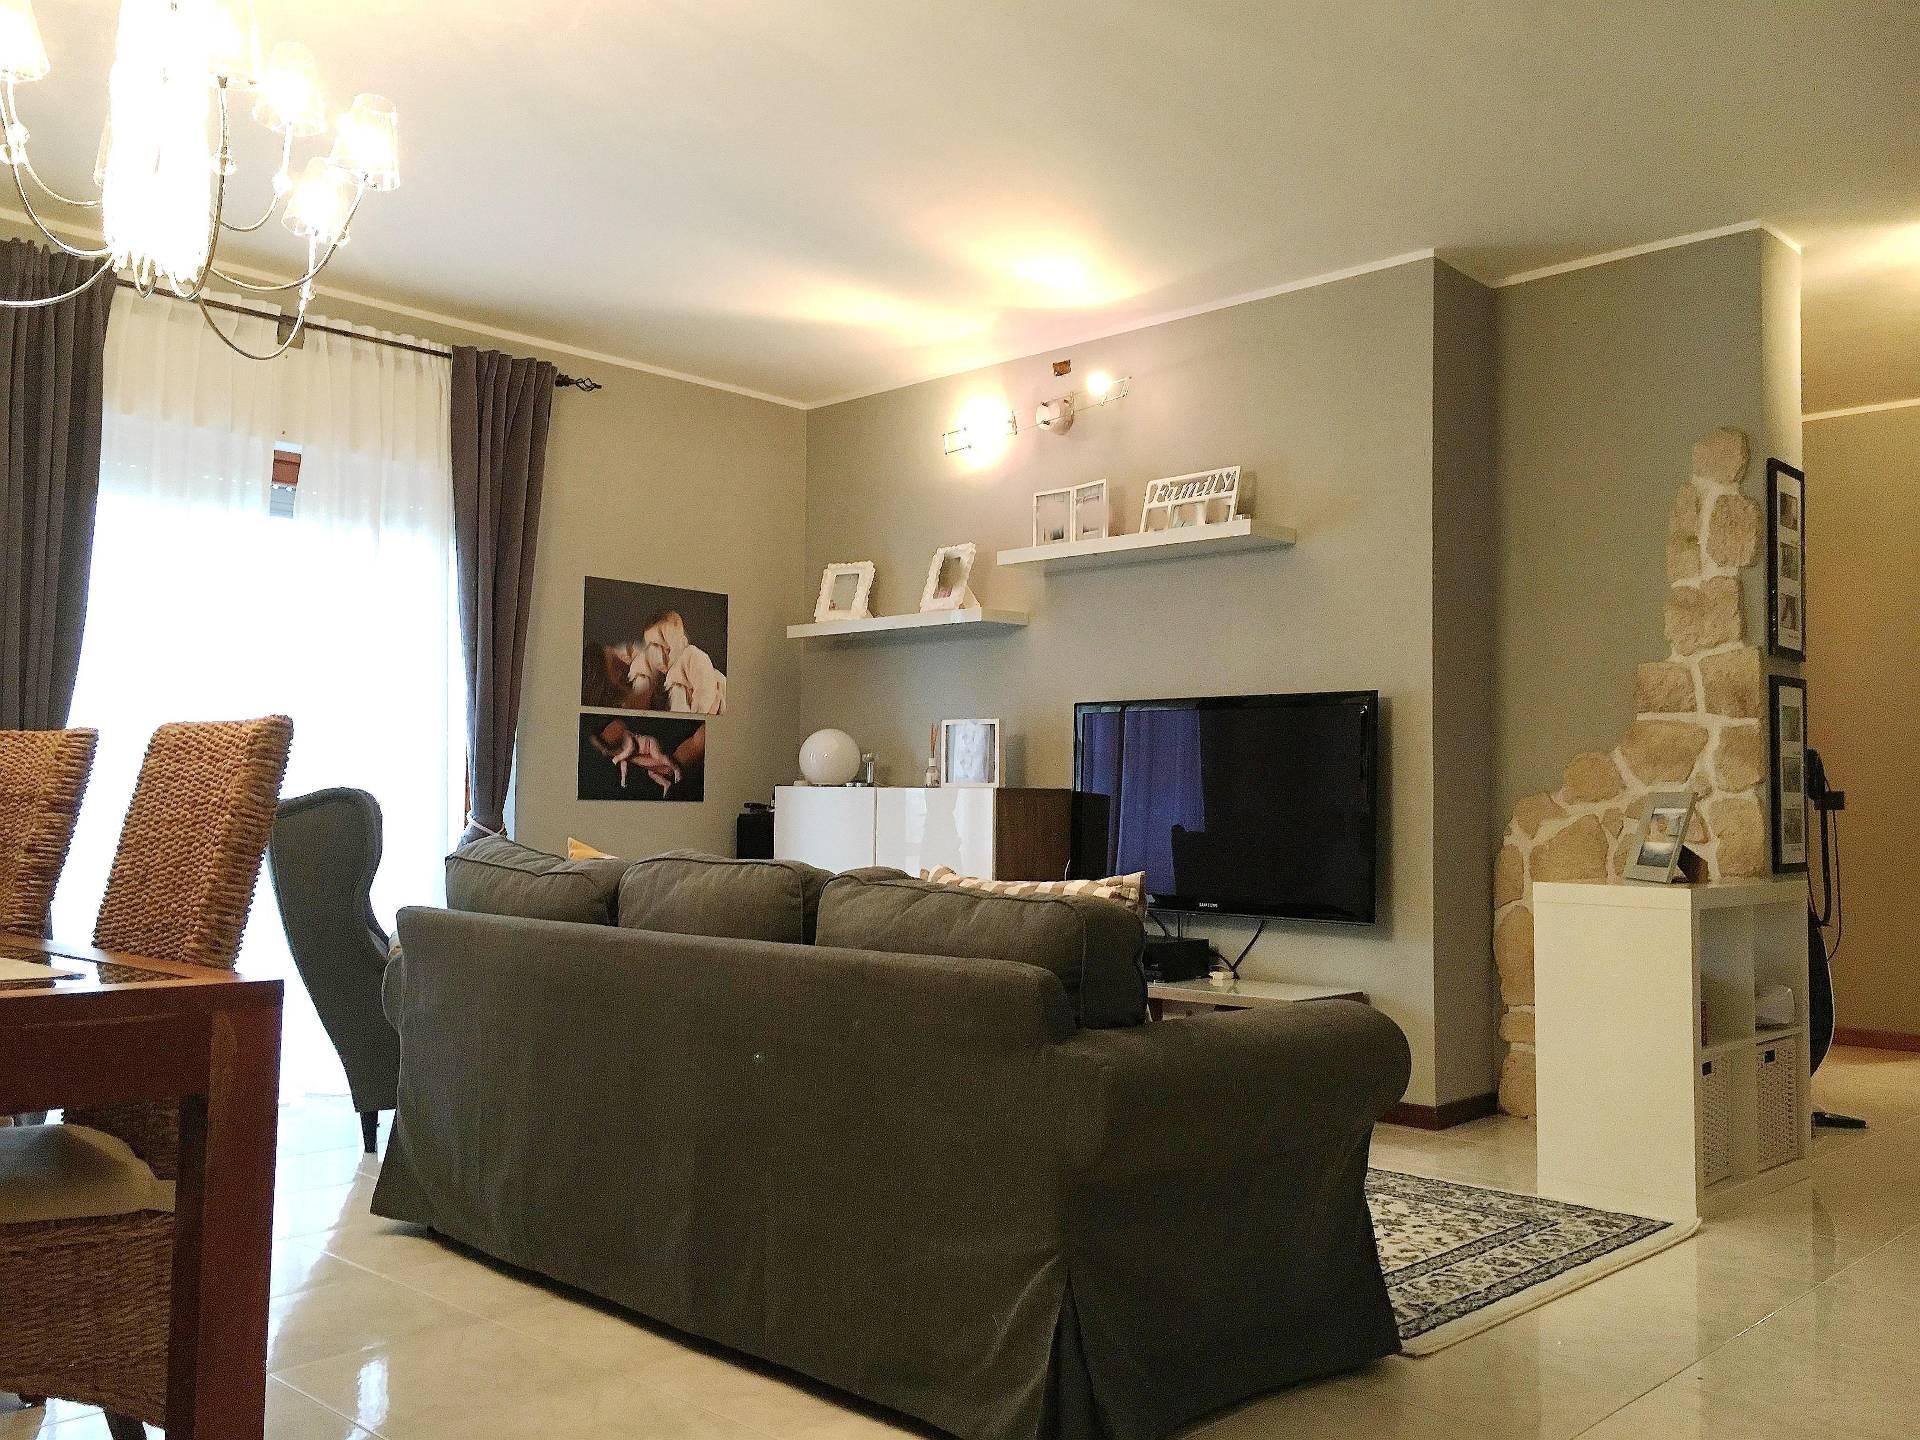 Appartamento in vendita a Corropoli, 5 locali, prezzo € 104.000 | Cambio Casa.it